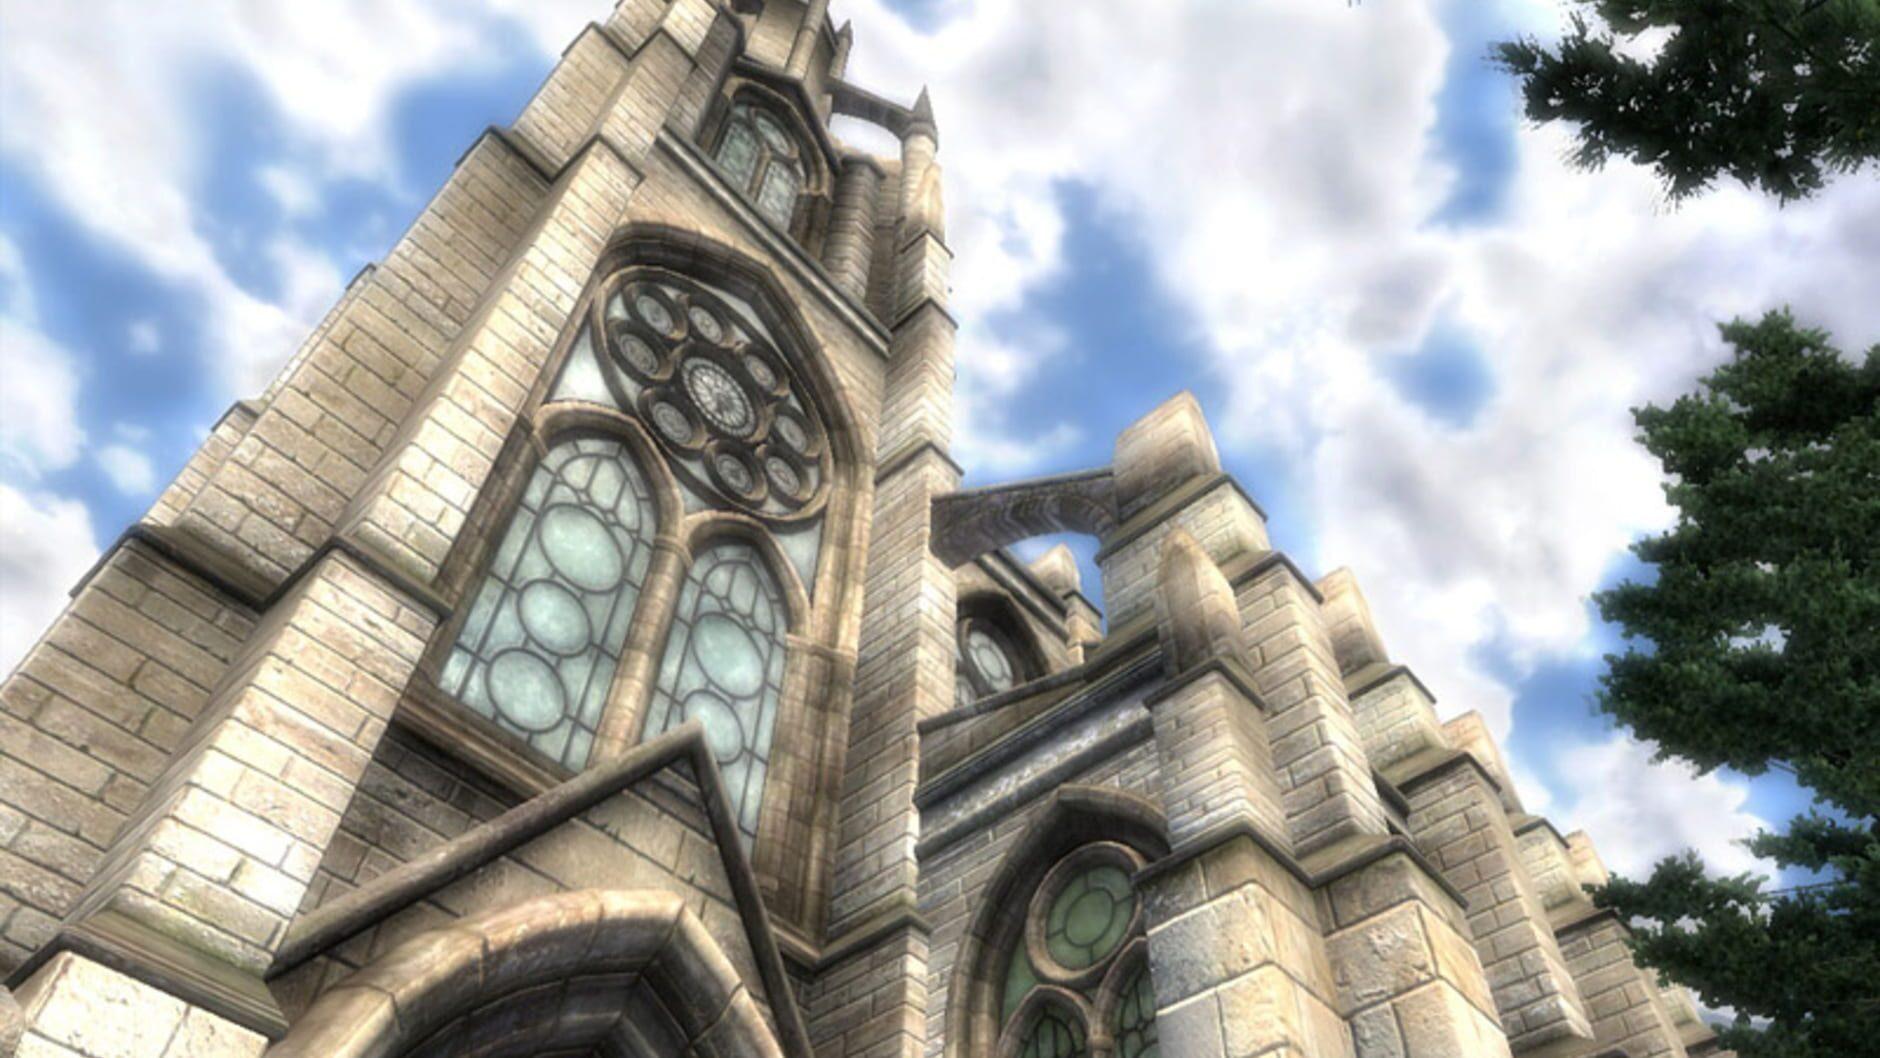 The Elder Scrolls IV: Oblivion - 0